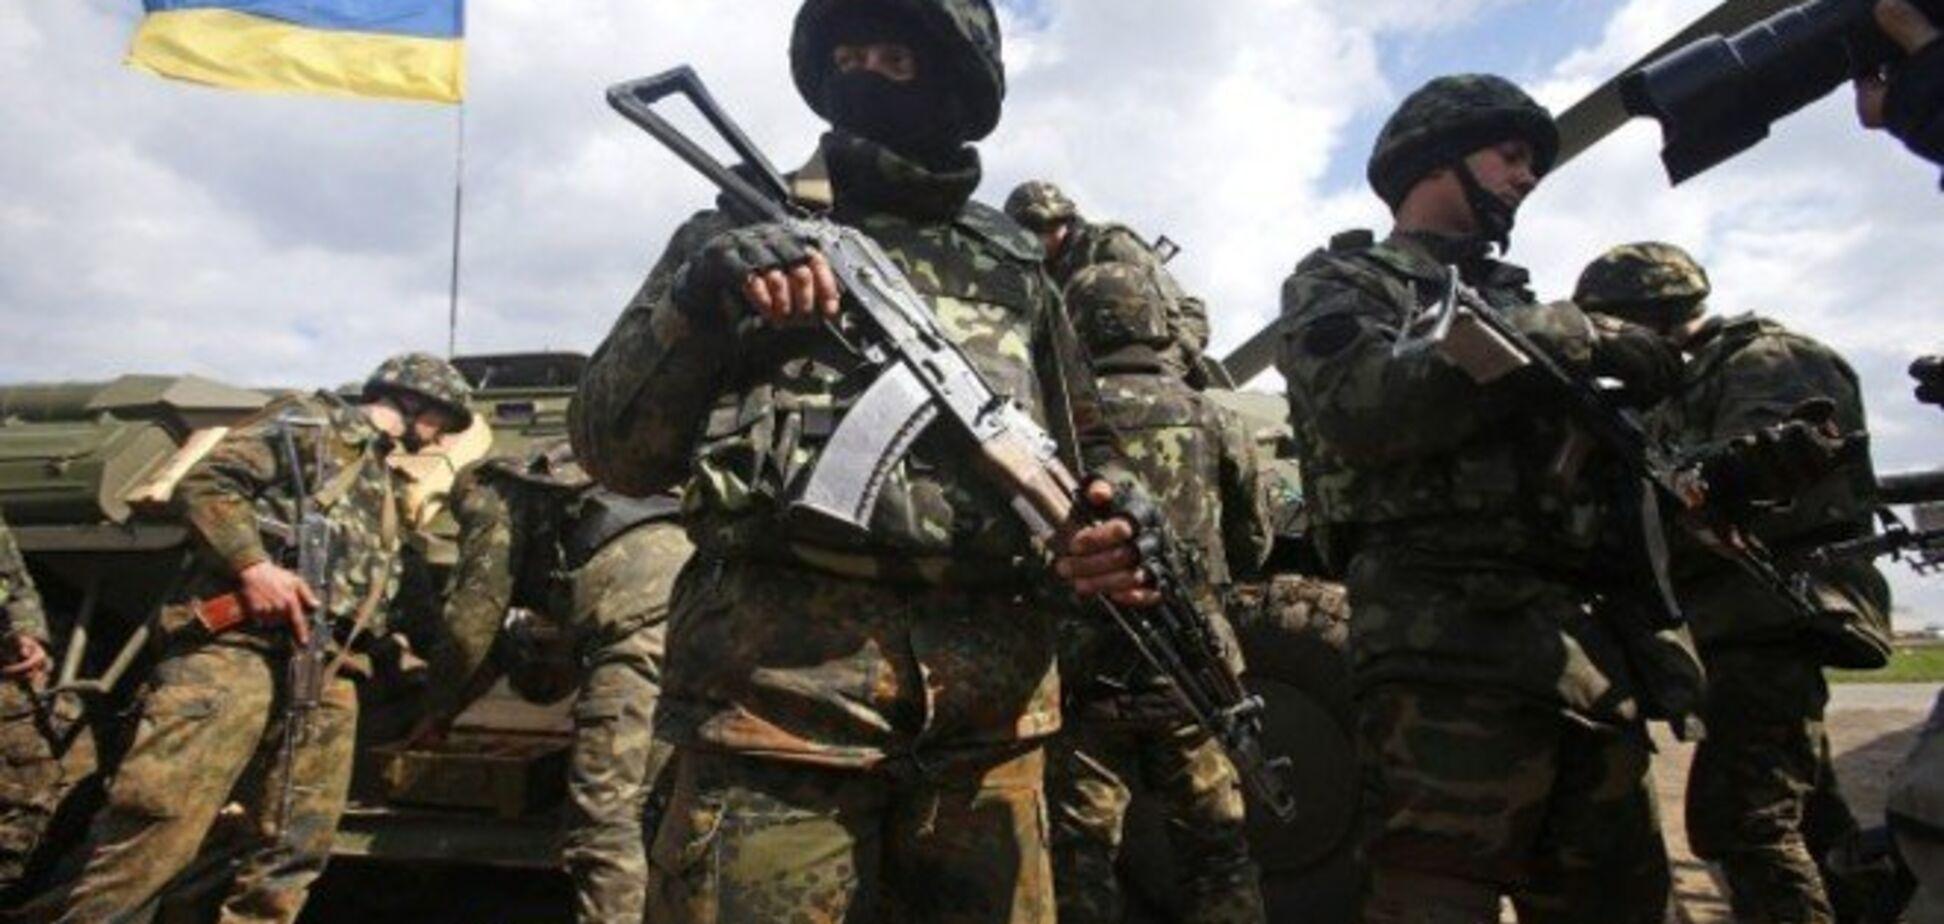 Приближение украинской армии выводит людей из зомбирования